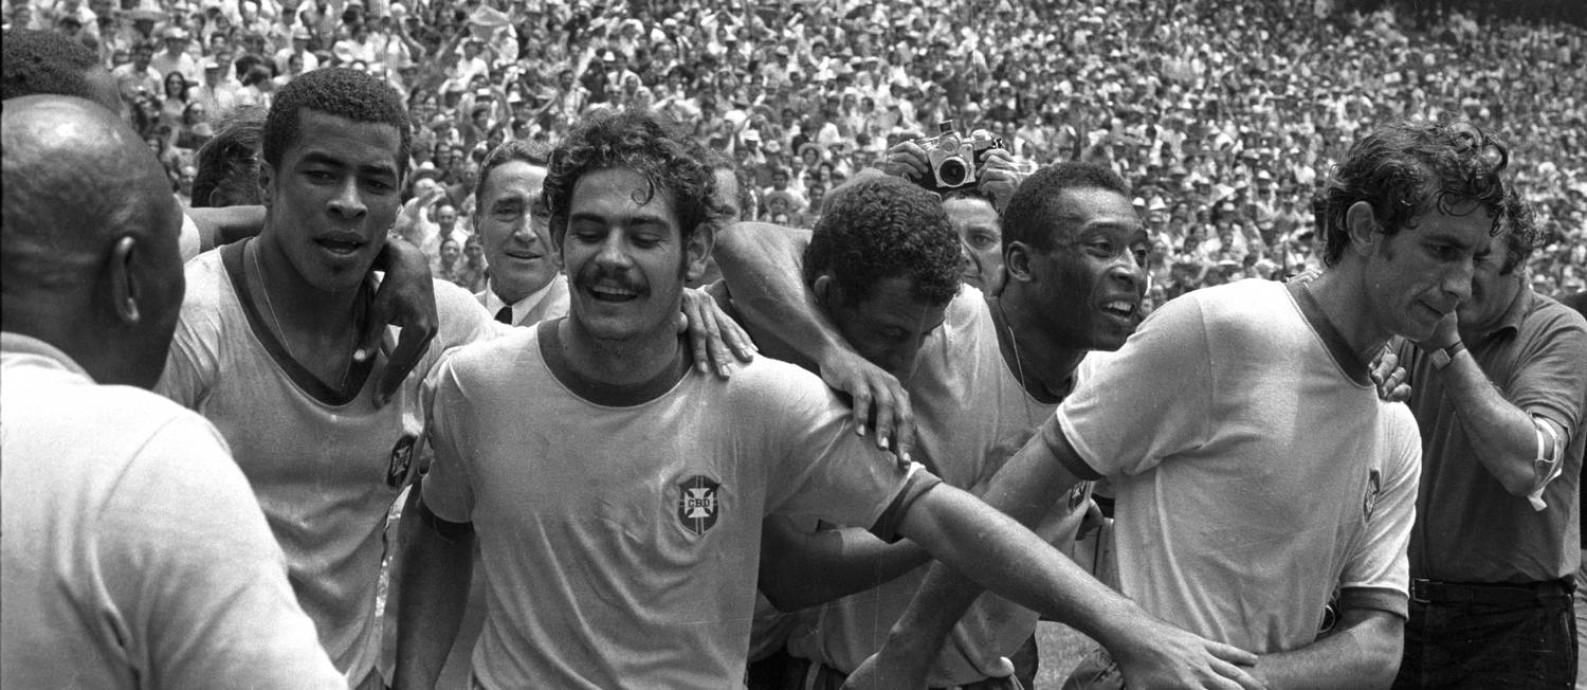 Jairzinho, Rivelino, Carlos Alberto, Pelé e Wilson Piazza comemoram a vitória do Brasil em 1970 Foto: Arquivo O Globo